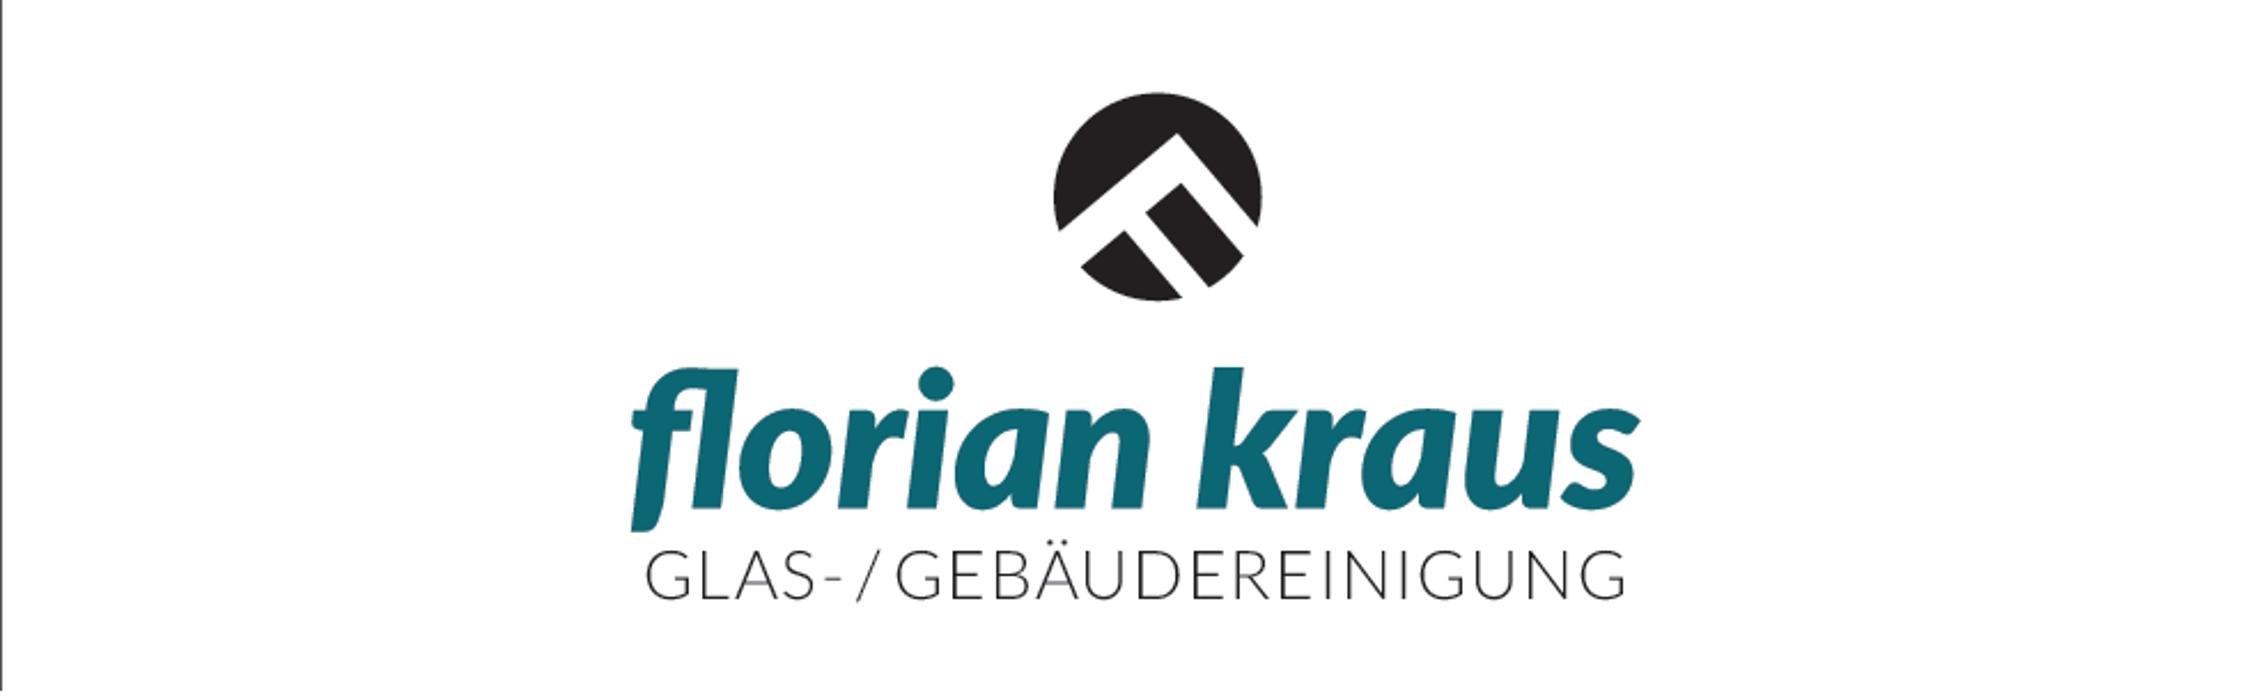 Bild zu Florian Kraus Glas- / Gebäudereinigung in Schwabach